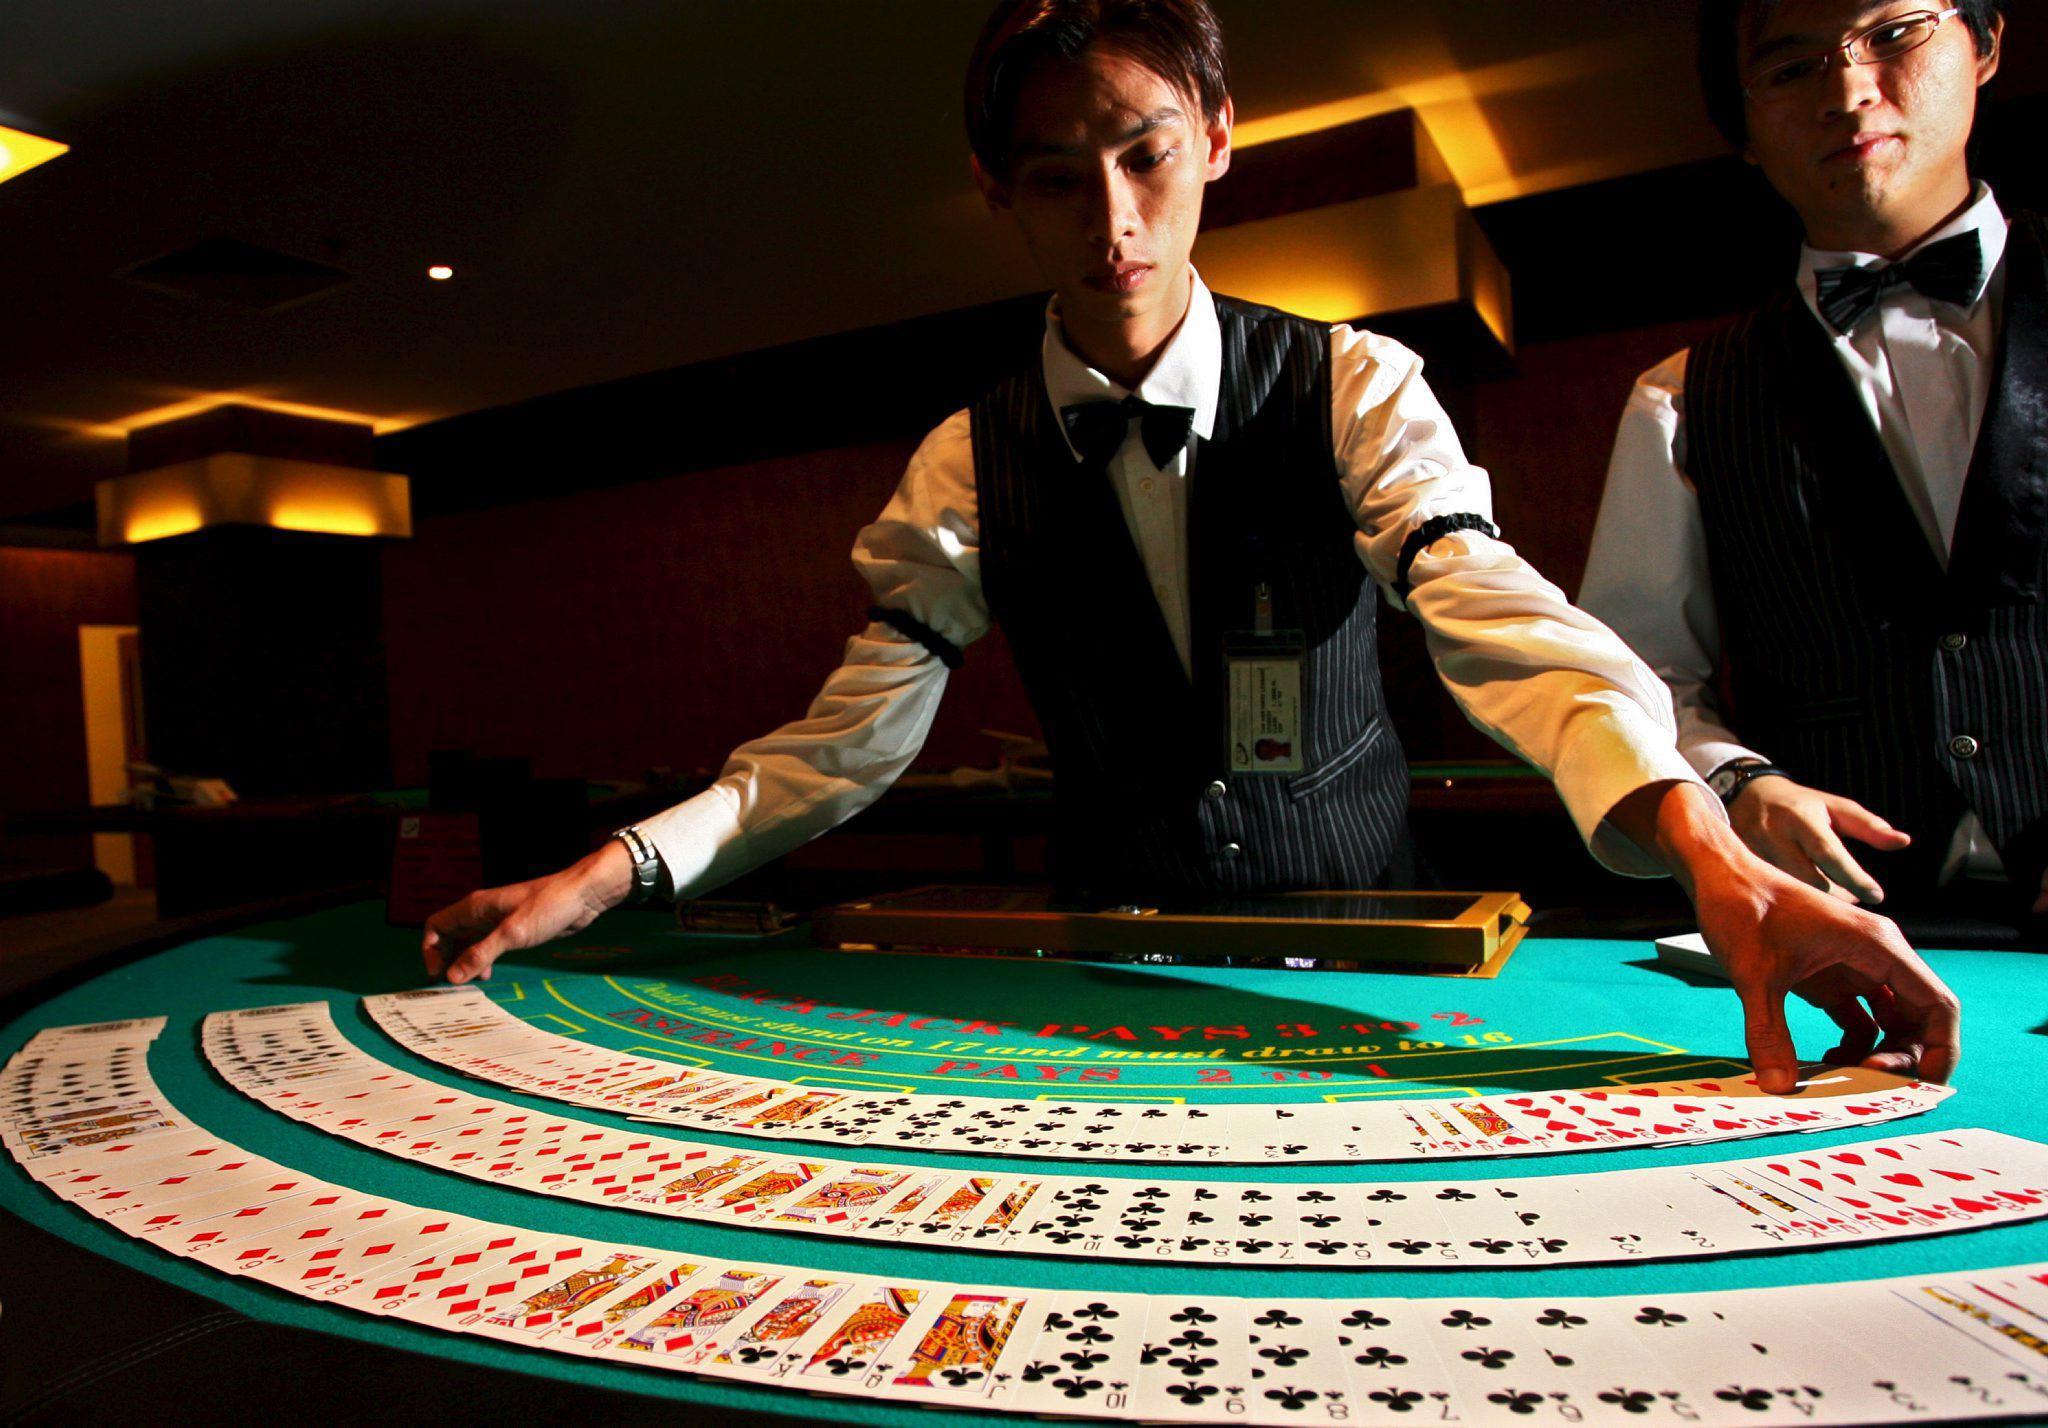 Los casinos mas famosos online Poker Stars-322398